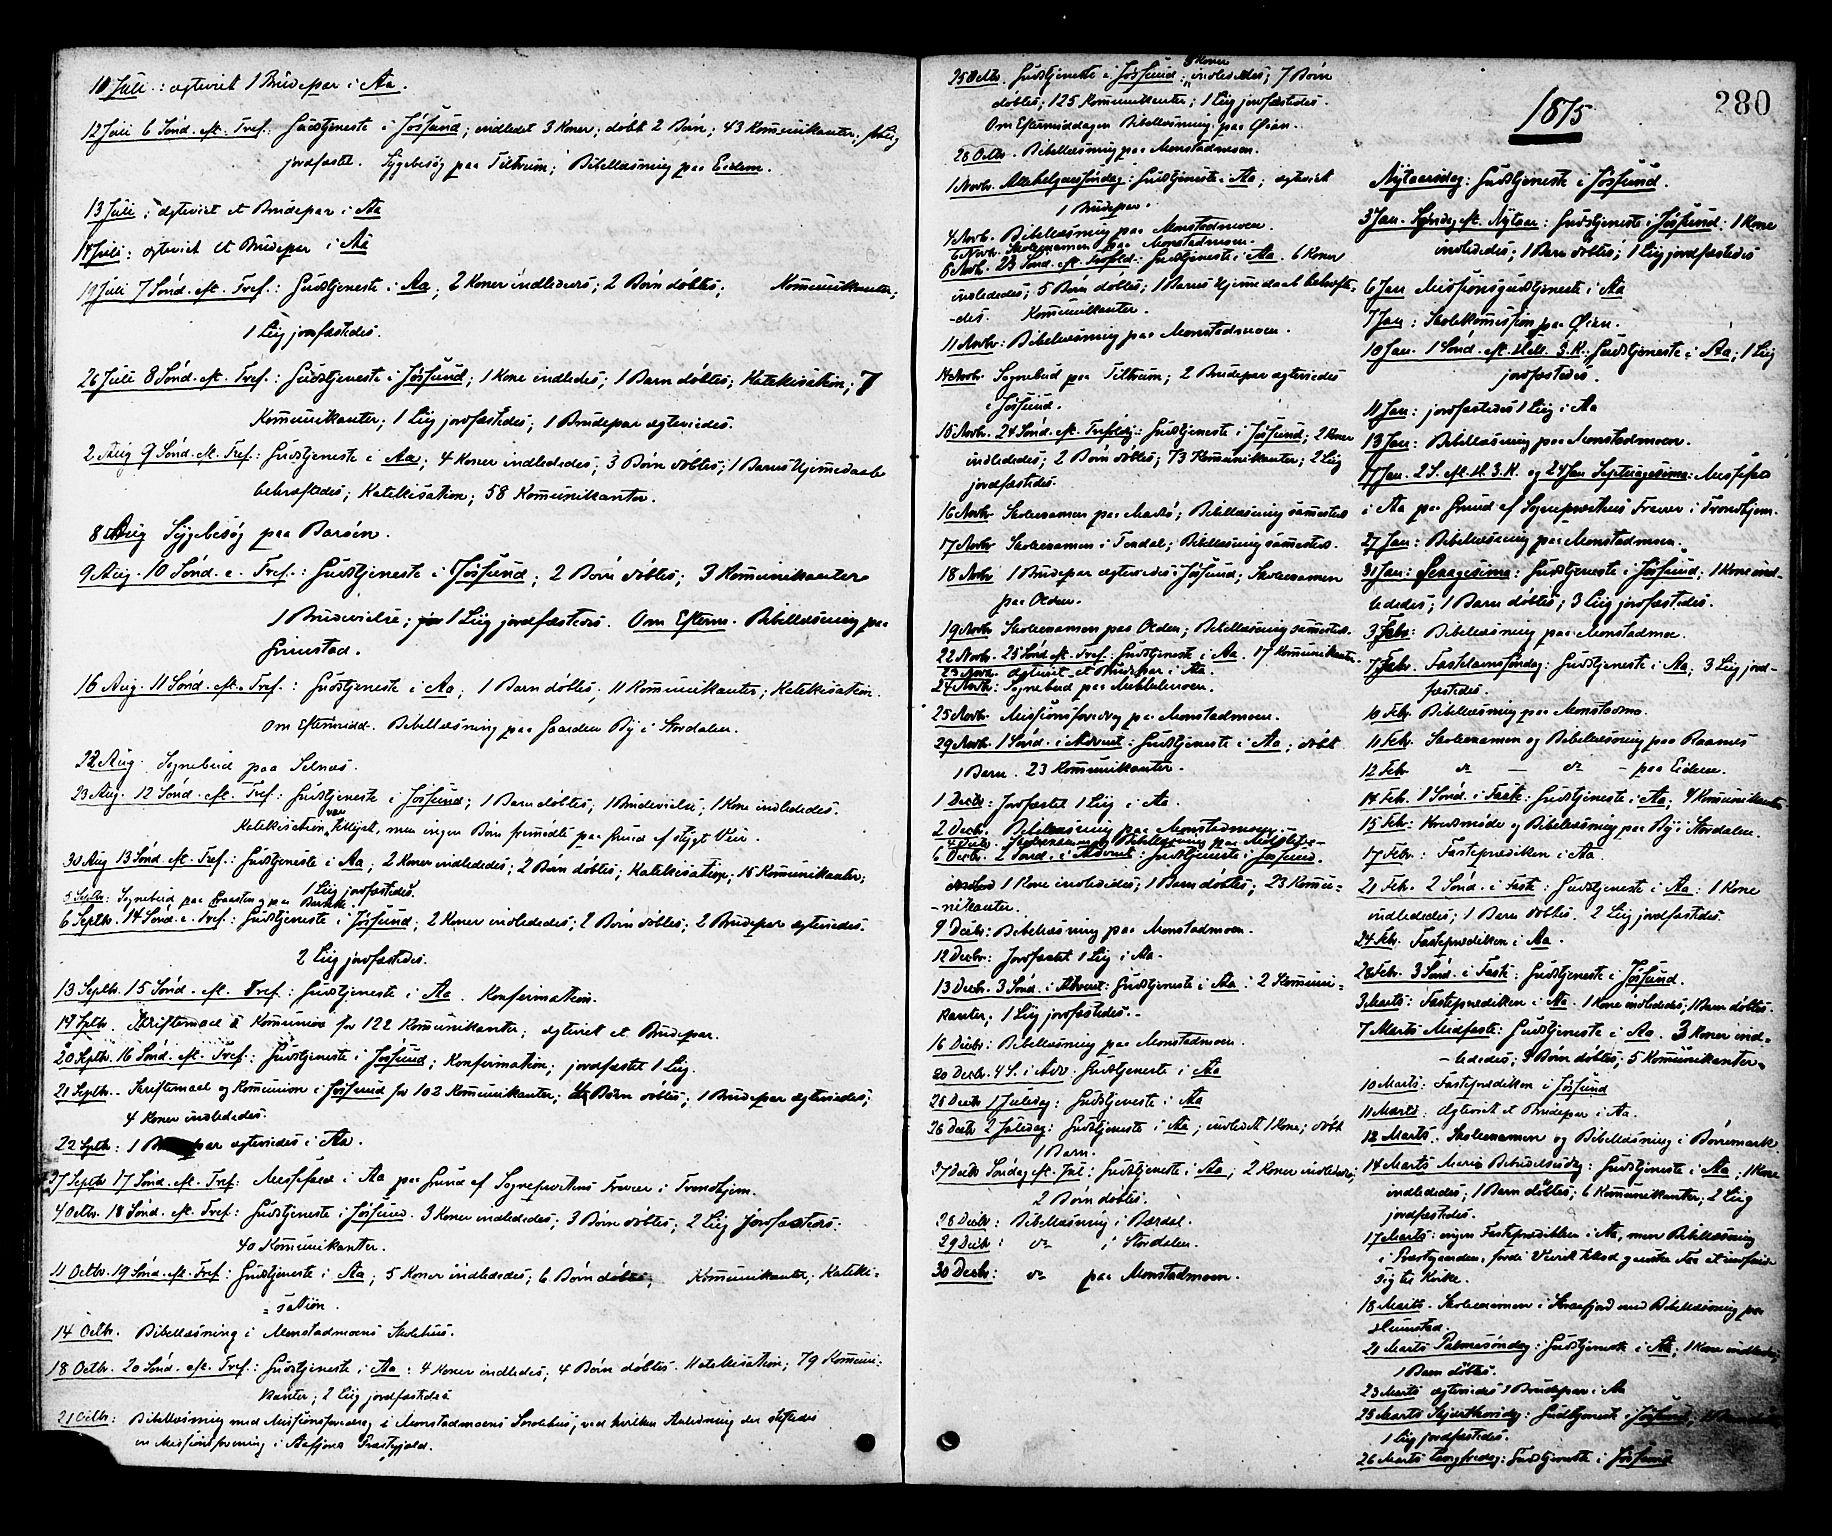 SAT, Ministerialprotokoller, klokkerbøker og fødselsregistre - Sør-Trøndelag, 655/L0679: Ministerialbok nr. 655A08, 1873-1879, s. 280